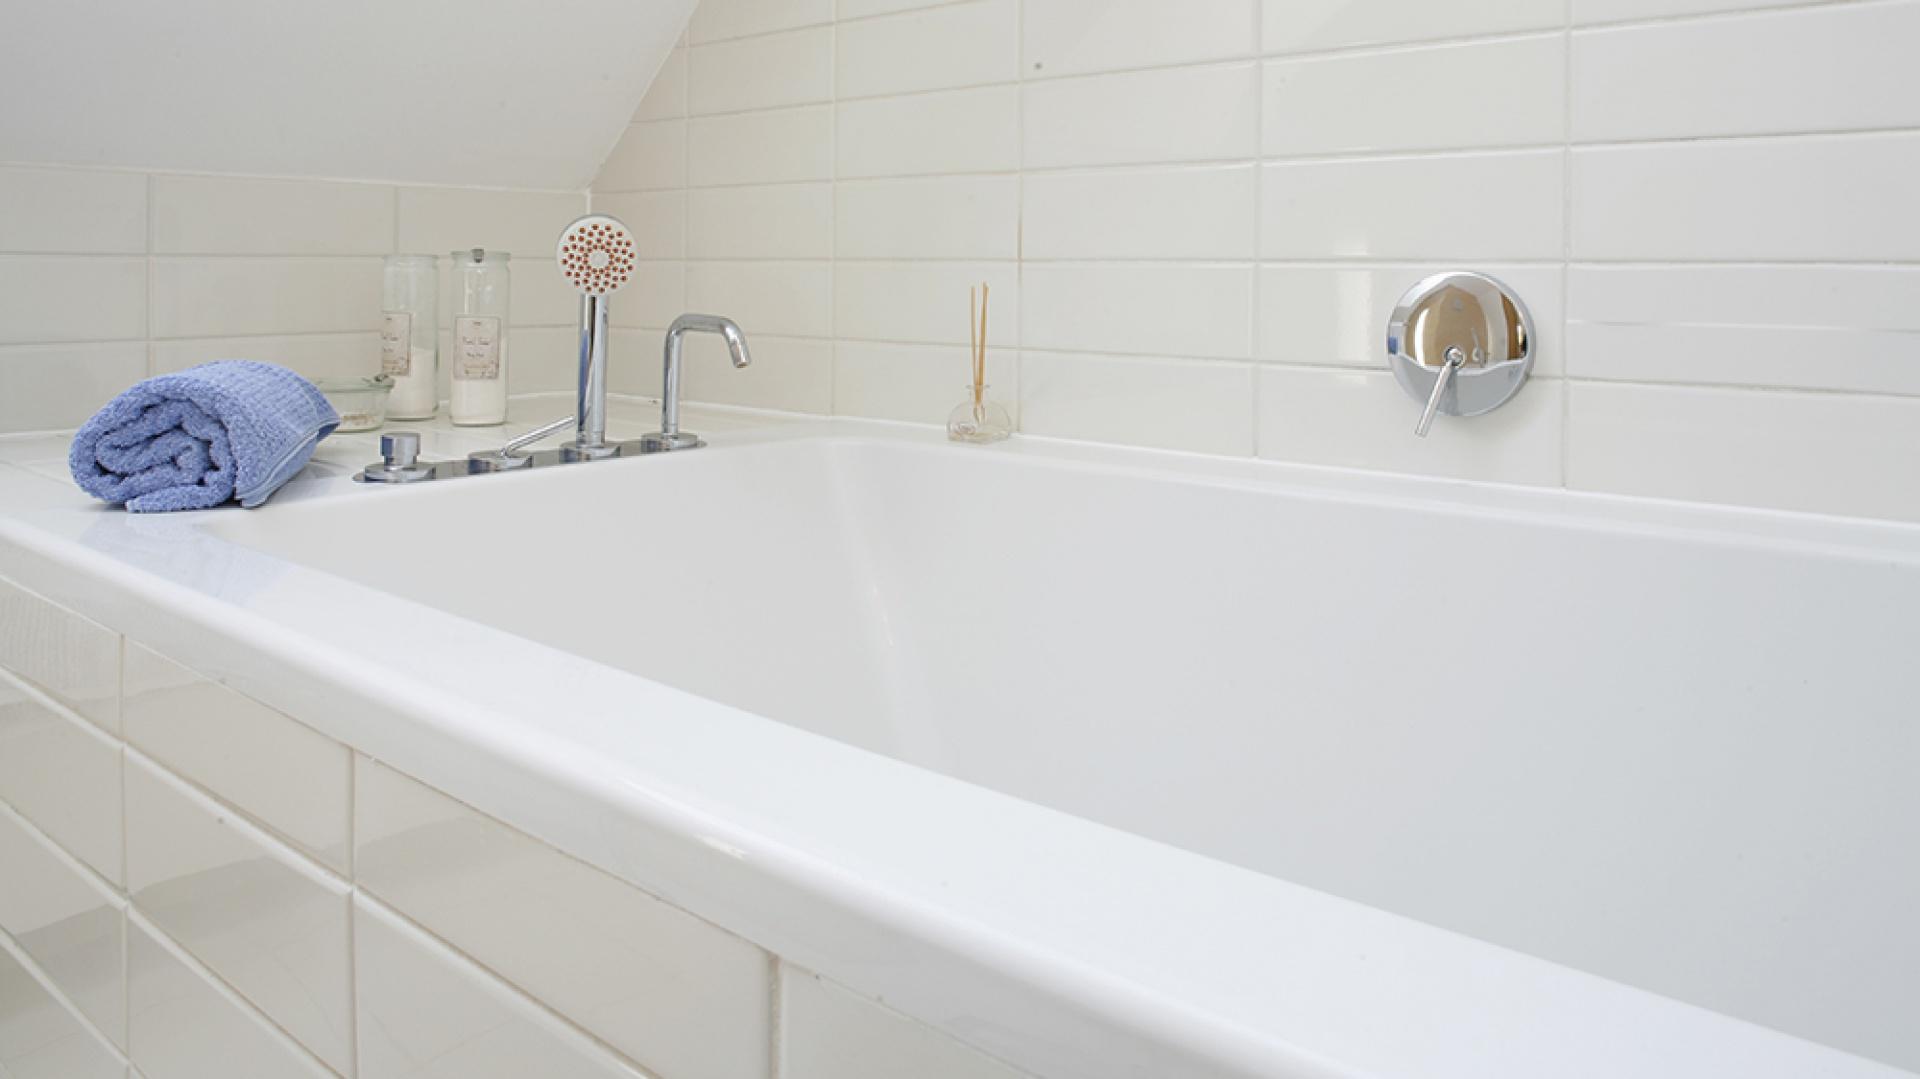 """Białe, proste płytki (10x30 cm) pochodzą z kolekcji """"Opaline"""" marki Marazzi. Półka, wymodelowana w niszy pod skosem dachowym, jest idealnym miejscem na kosmetyki kąpielowe i zapachowe. Fot. Bartosz Jarosz."""